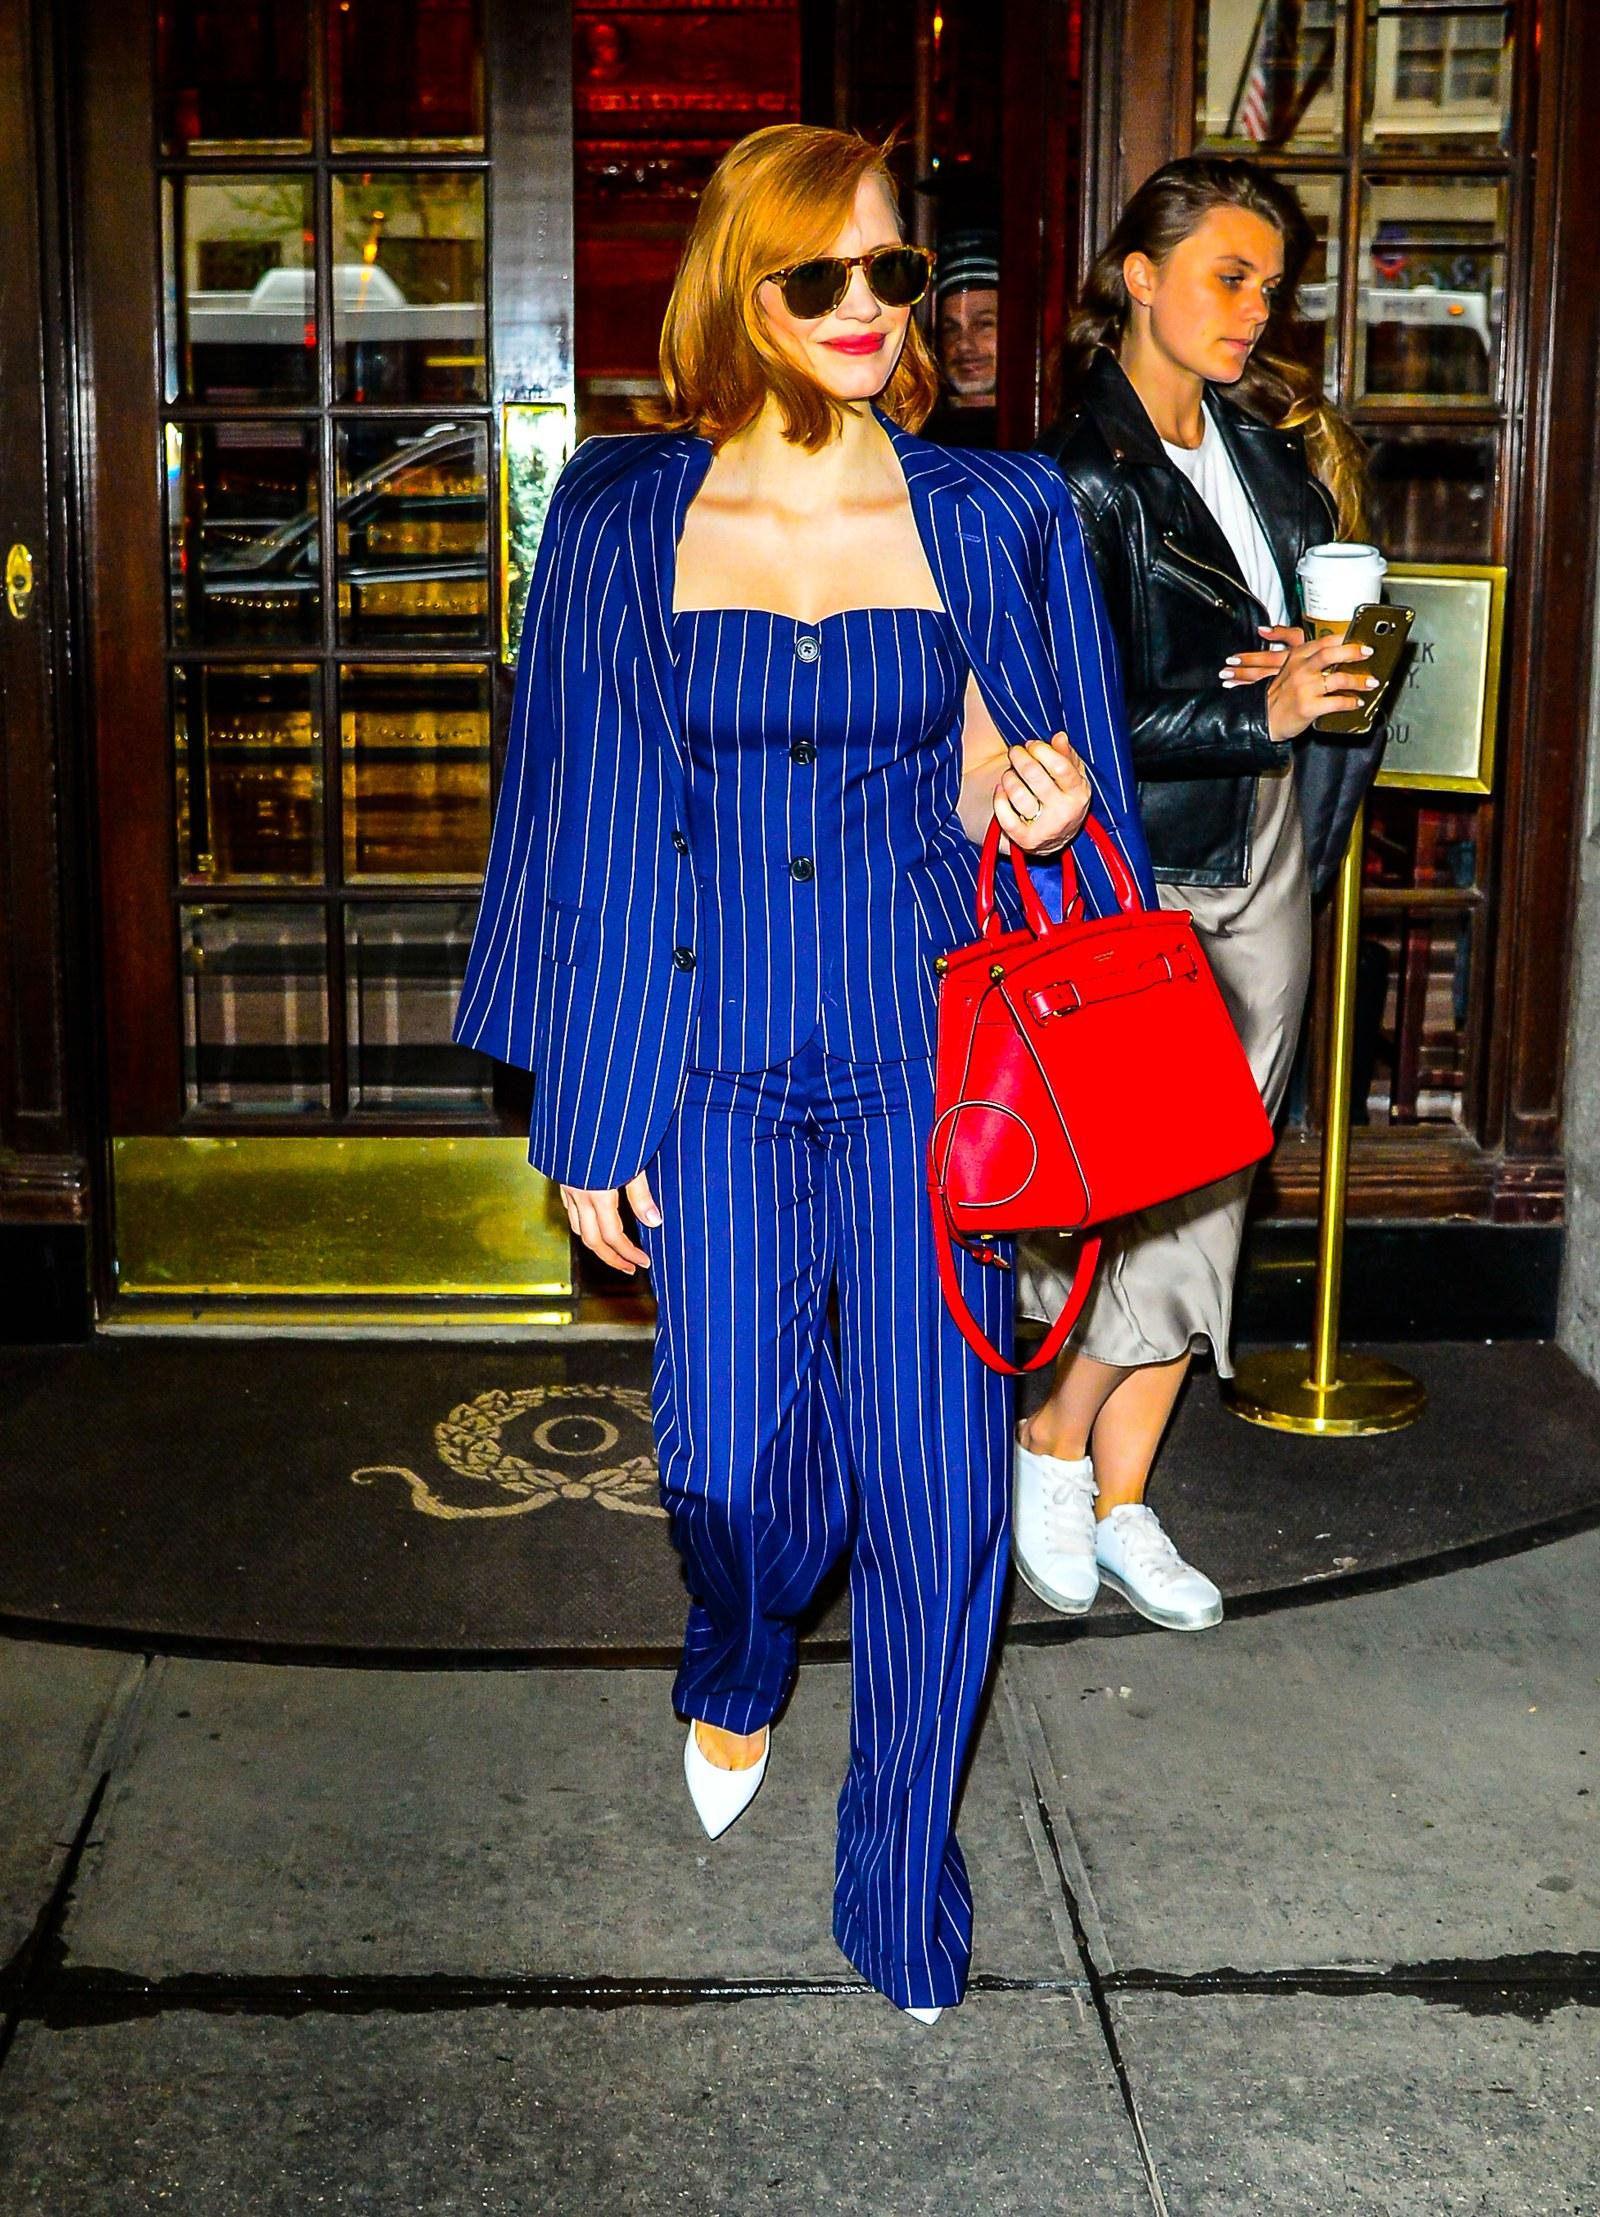 nữ diễn viên Jessica Chastain diện blazer kẻ sọc đồng bộ cùng quần âu và corset xanh cobalt của Ralp Lauren và kính mát đen, túi xách đỏ